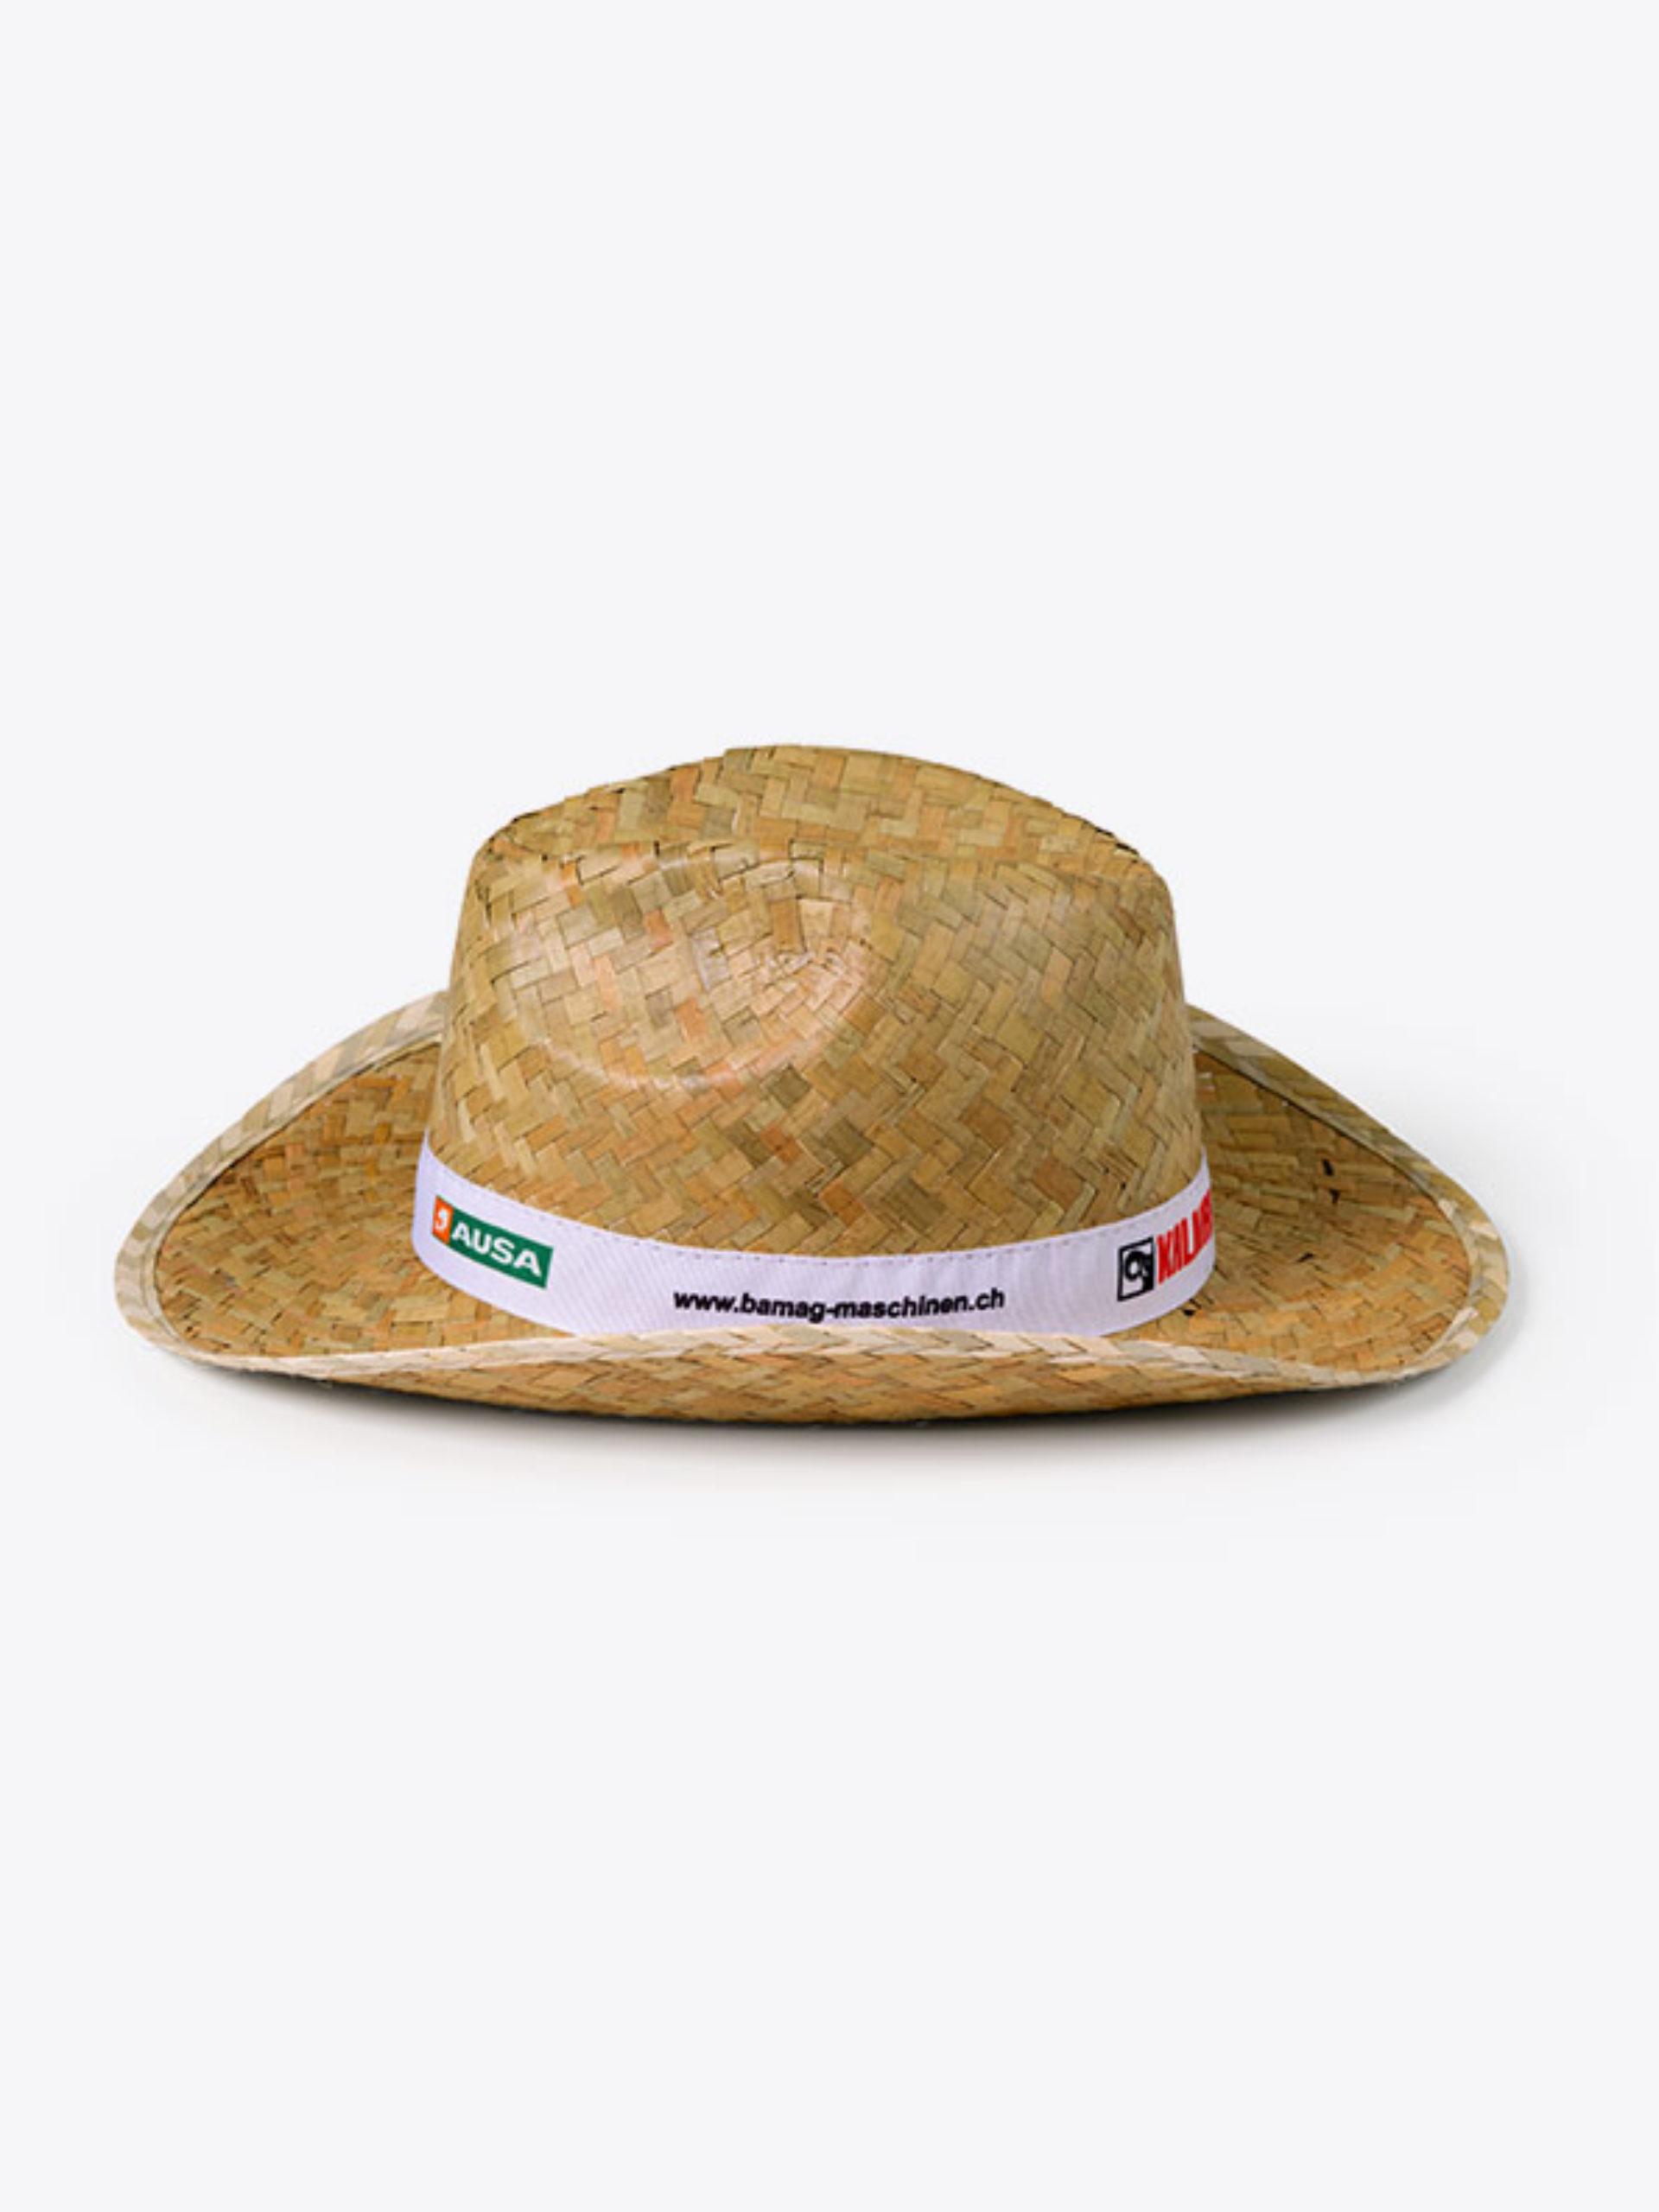 Strohhut Cowboy Mit Logo Bedrucken